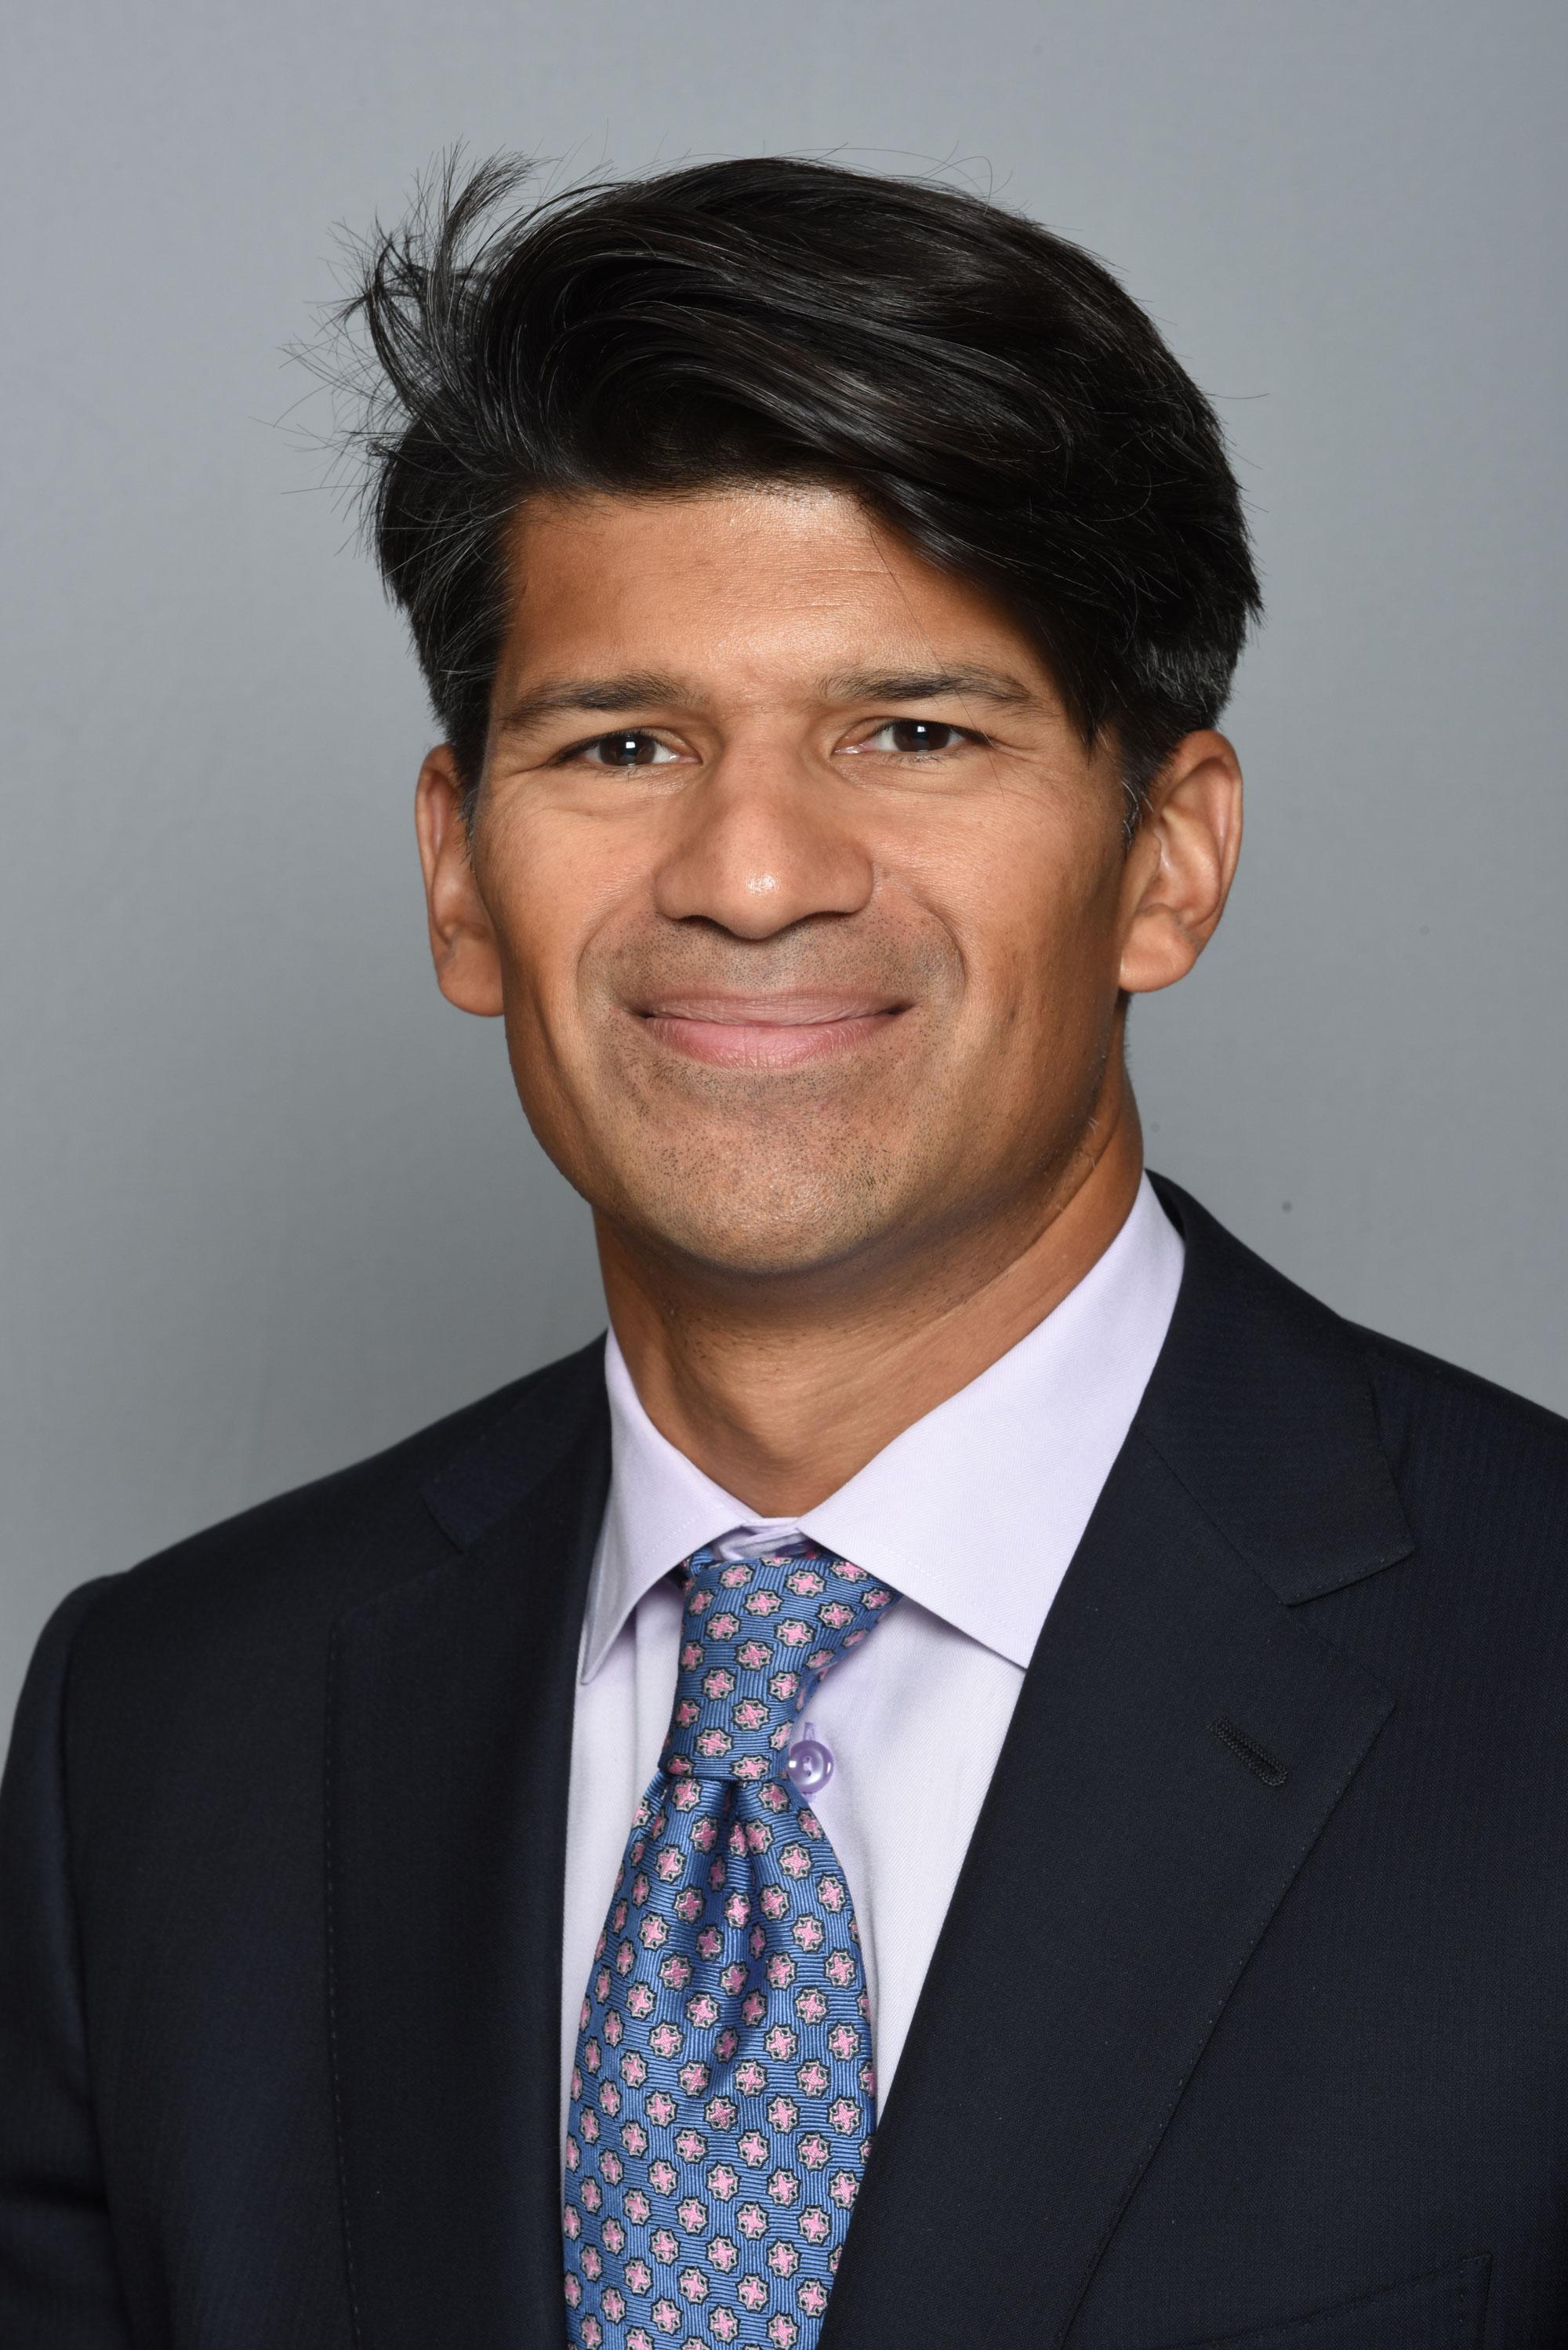 Srijoy Mahapatra '94, MBA '15